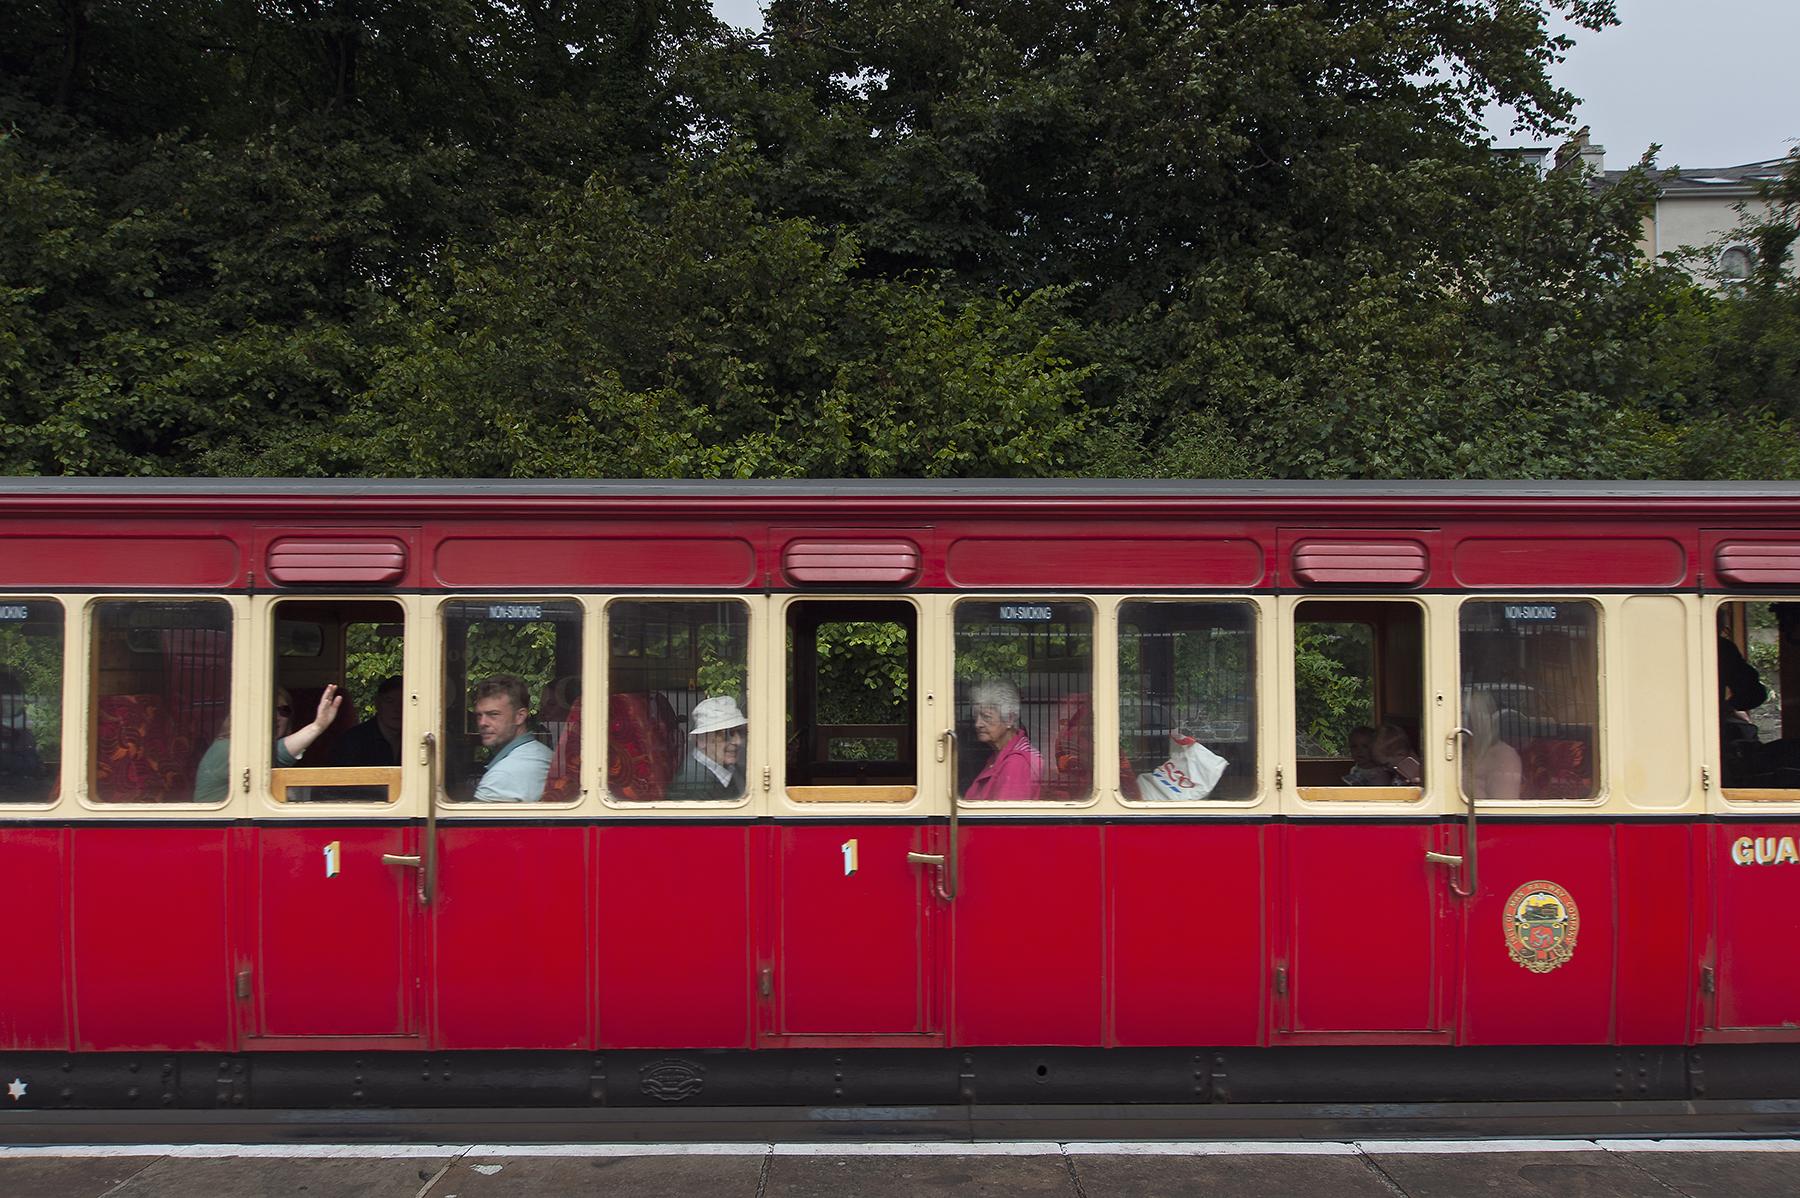 Bahnwagen_DSC9555.jpg